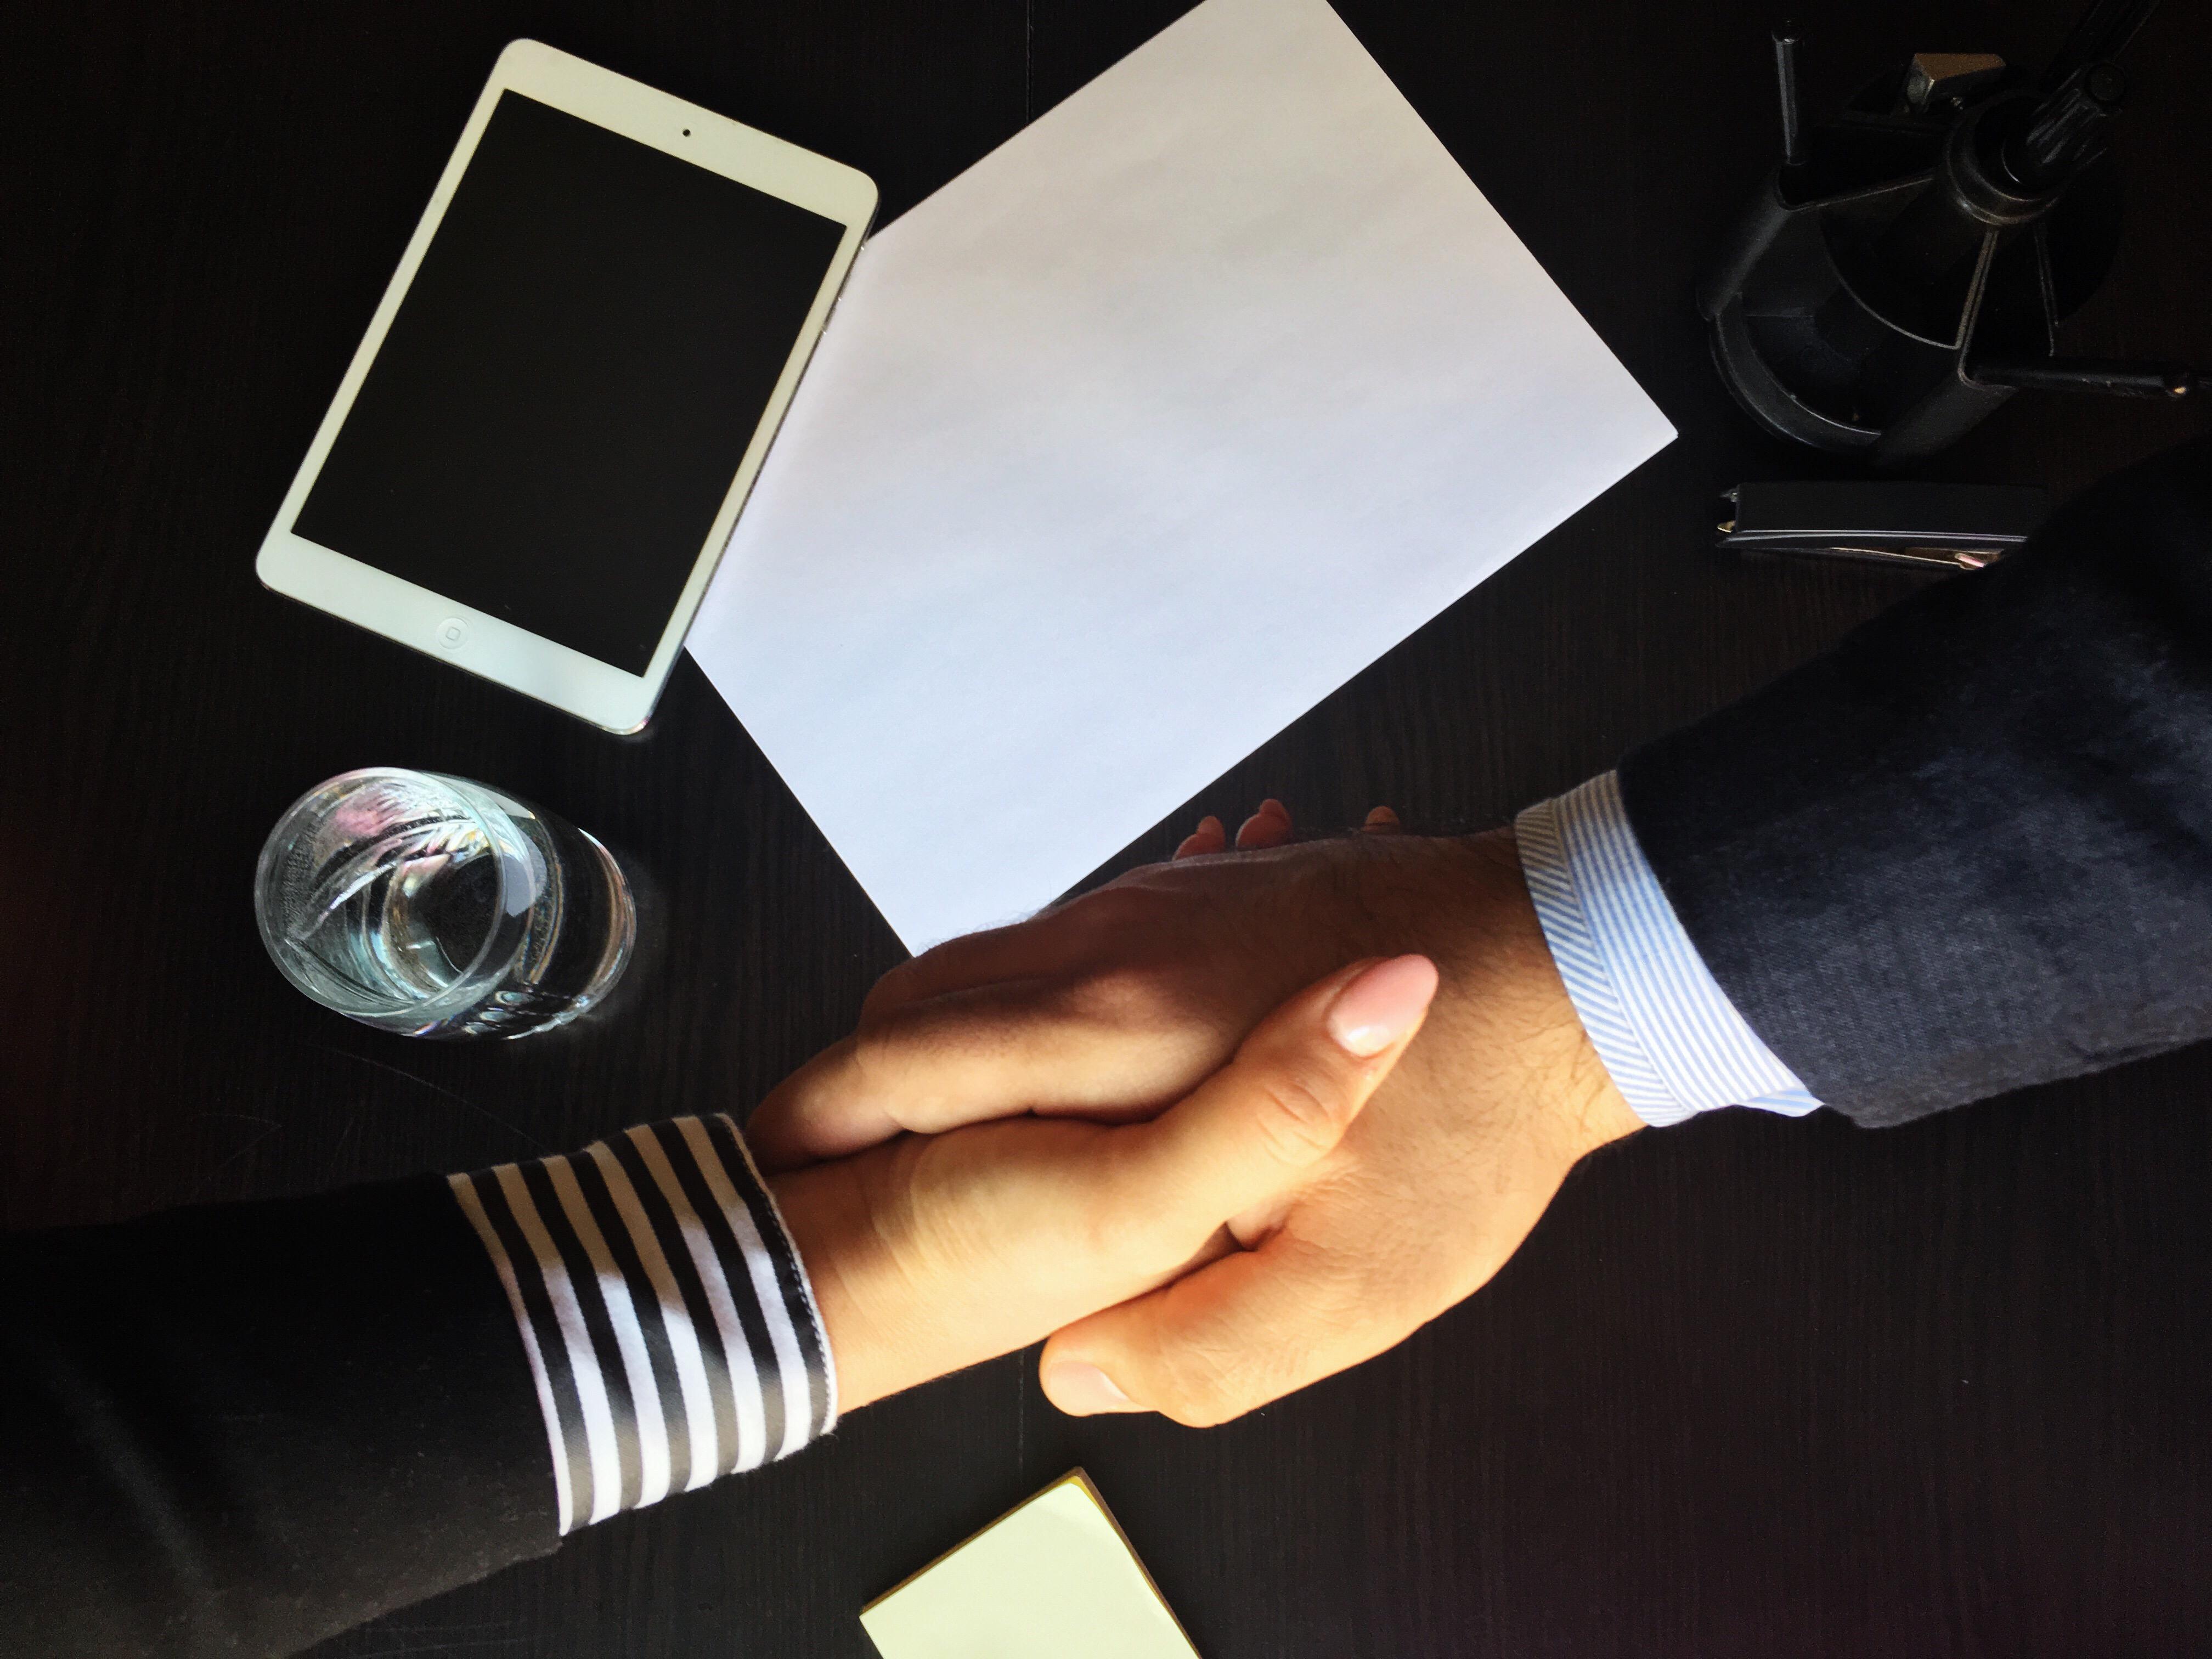 Tatouage et emploi, sont-ils réellement conciliables ?